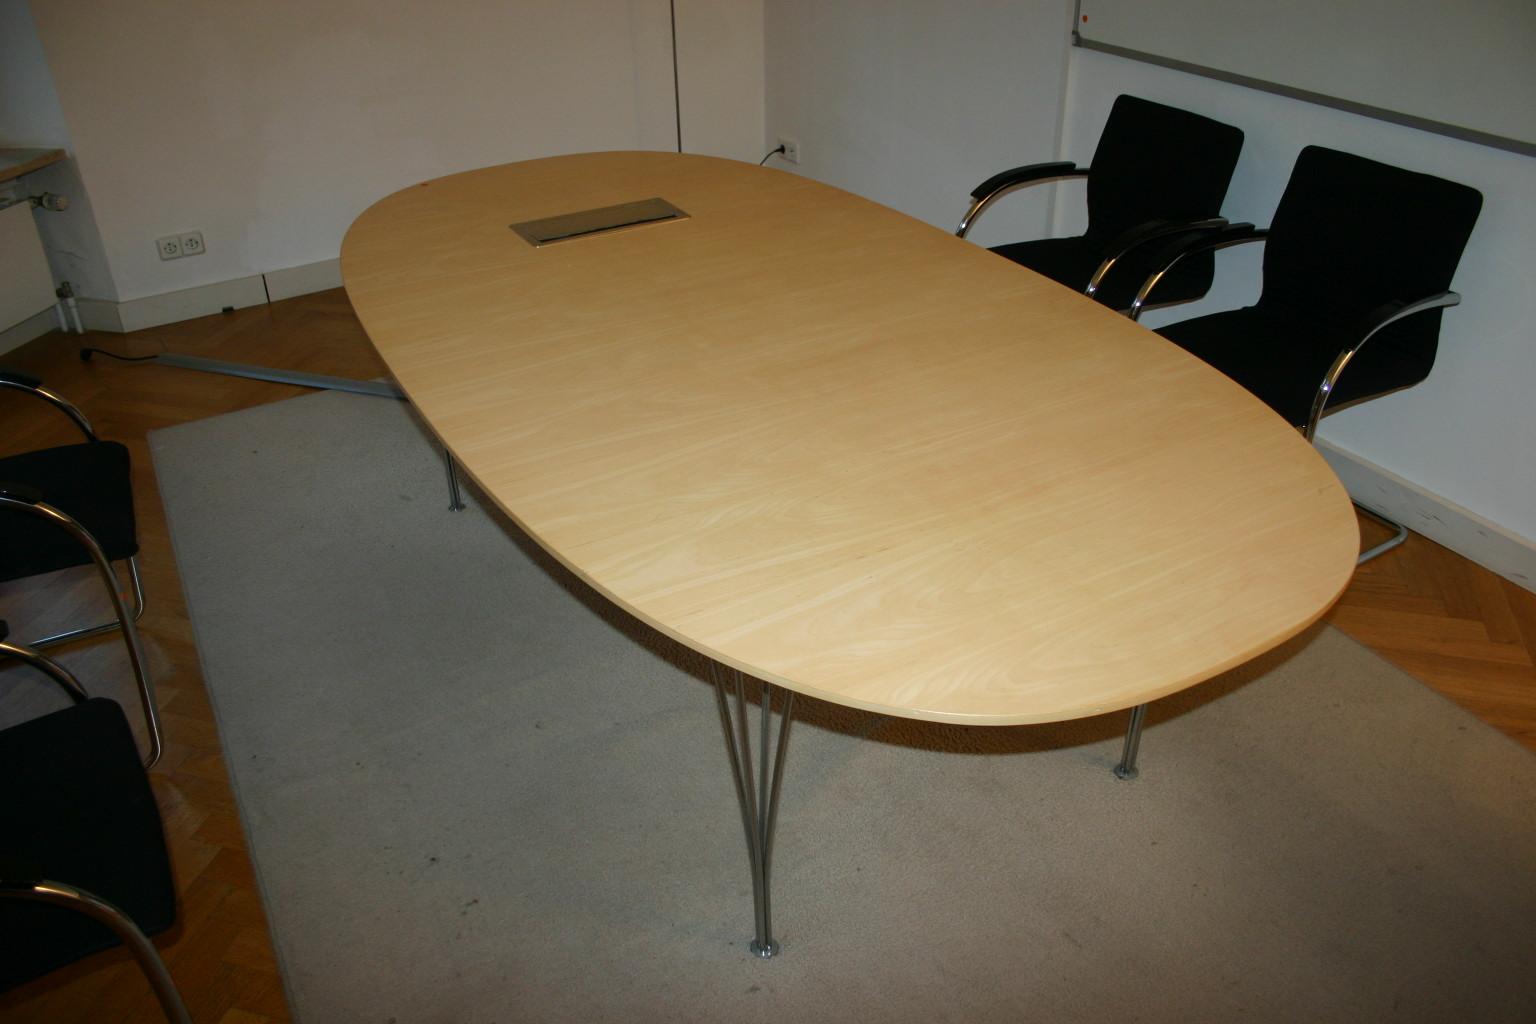 konferenztisch besprechungstisch tisch echtholz ahorn fritz hansen d709 ebay. Black Bedroom Furniture Sets. Home Design Ideas